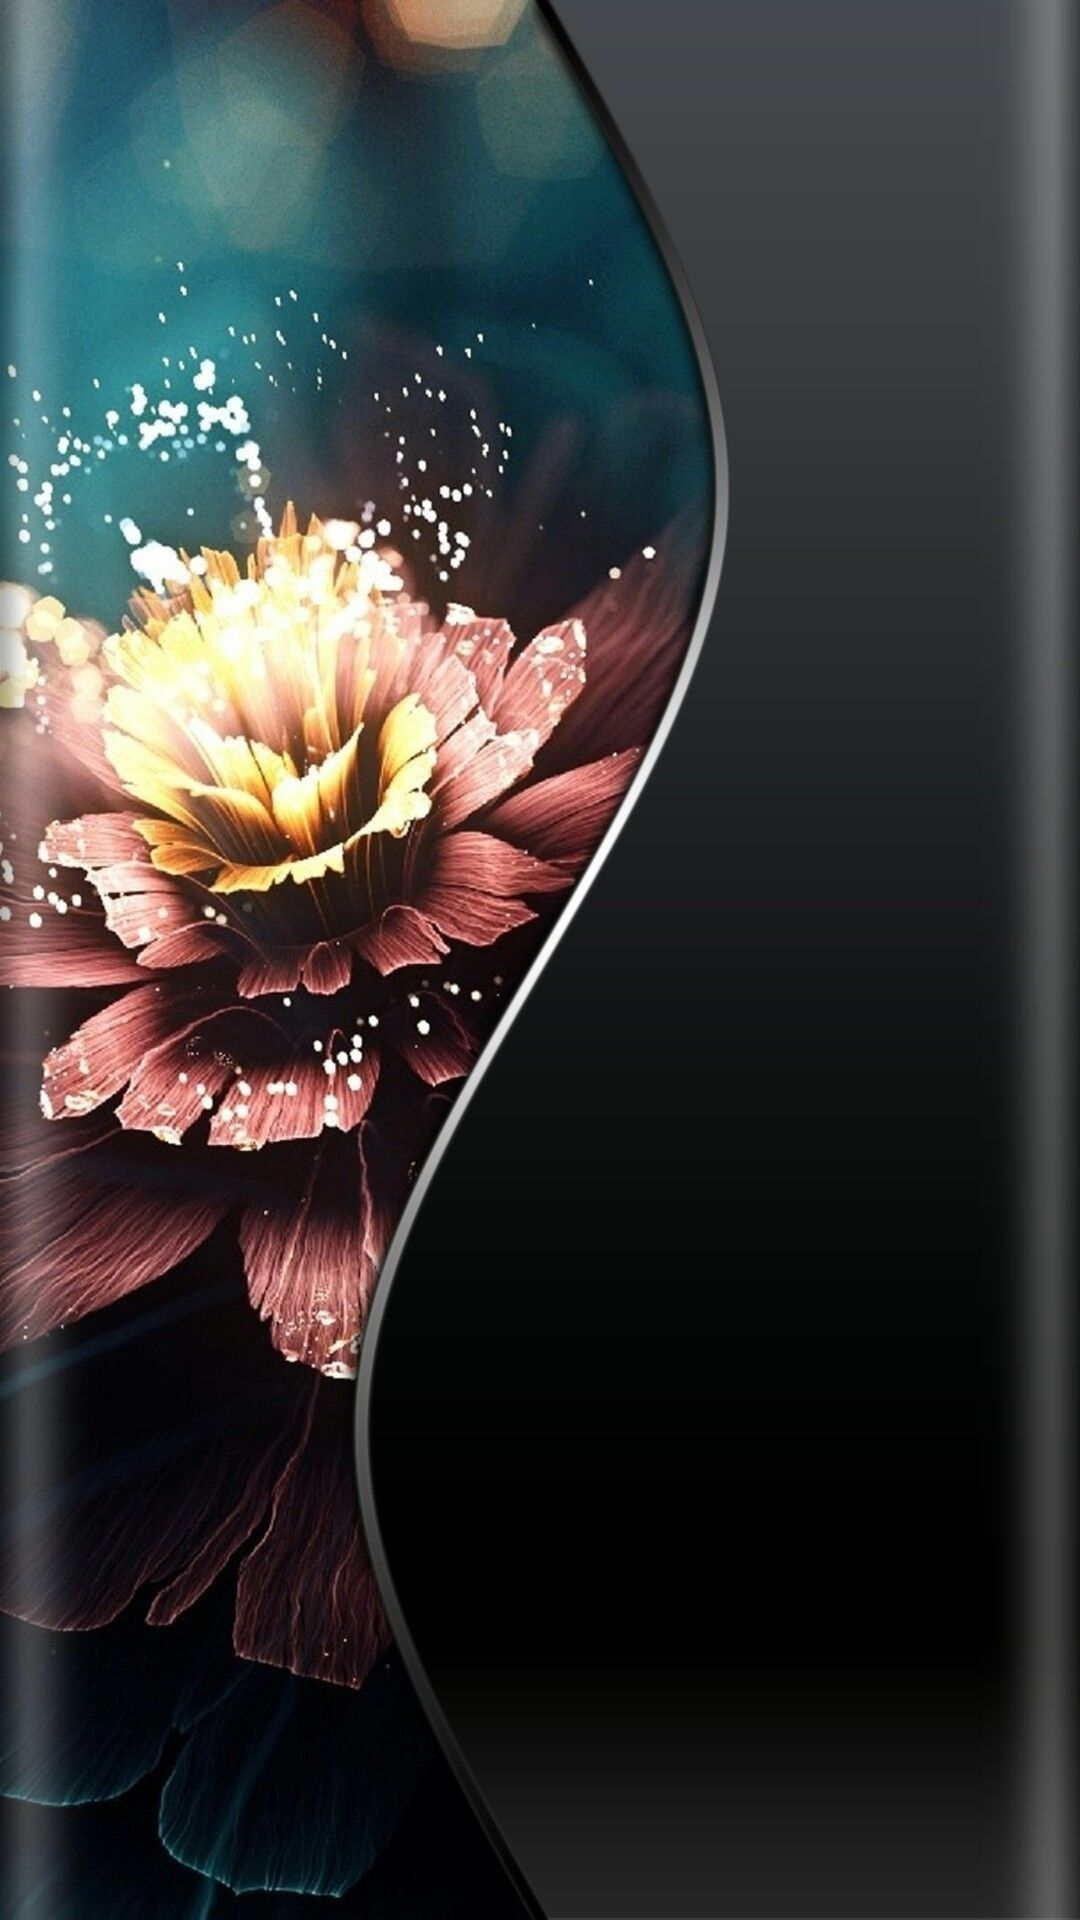 Pin By Shei Almonia On Wallpaper Iii Flower Background Wallpaper Cellphone Wallpaper Iphone Wallpaper Coolest flower wallpapers for cellphone